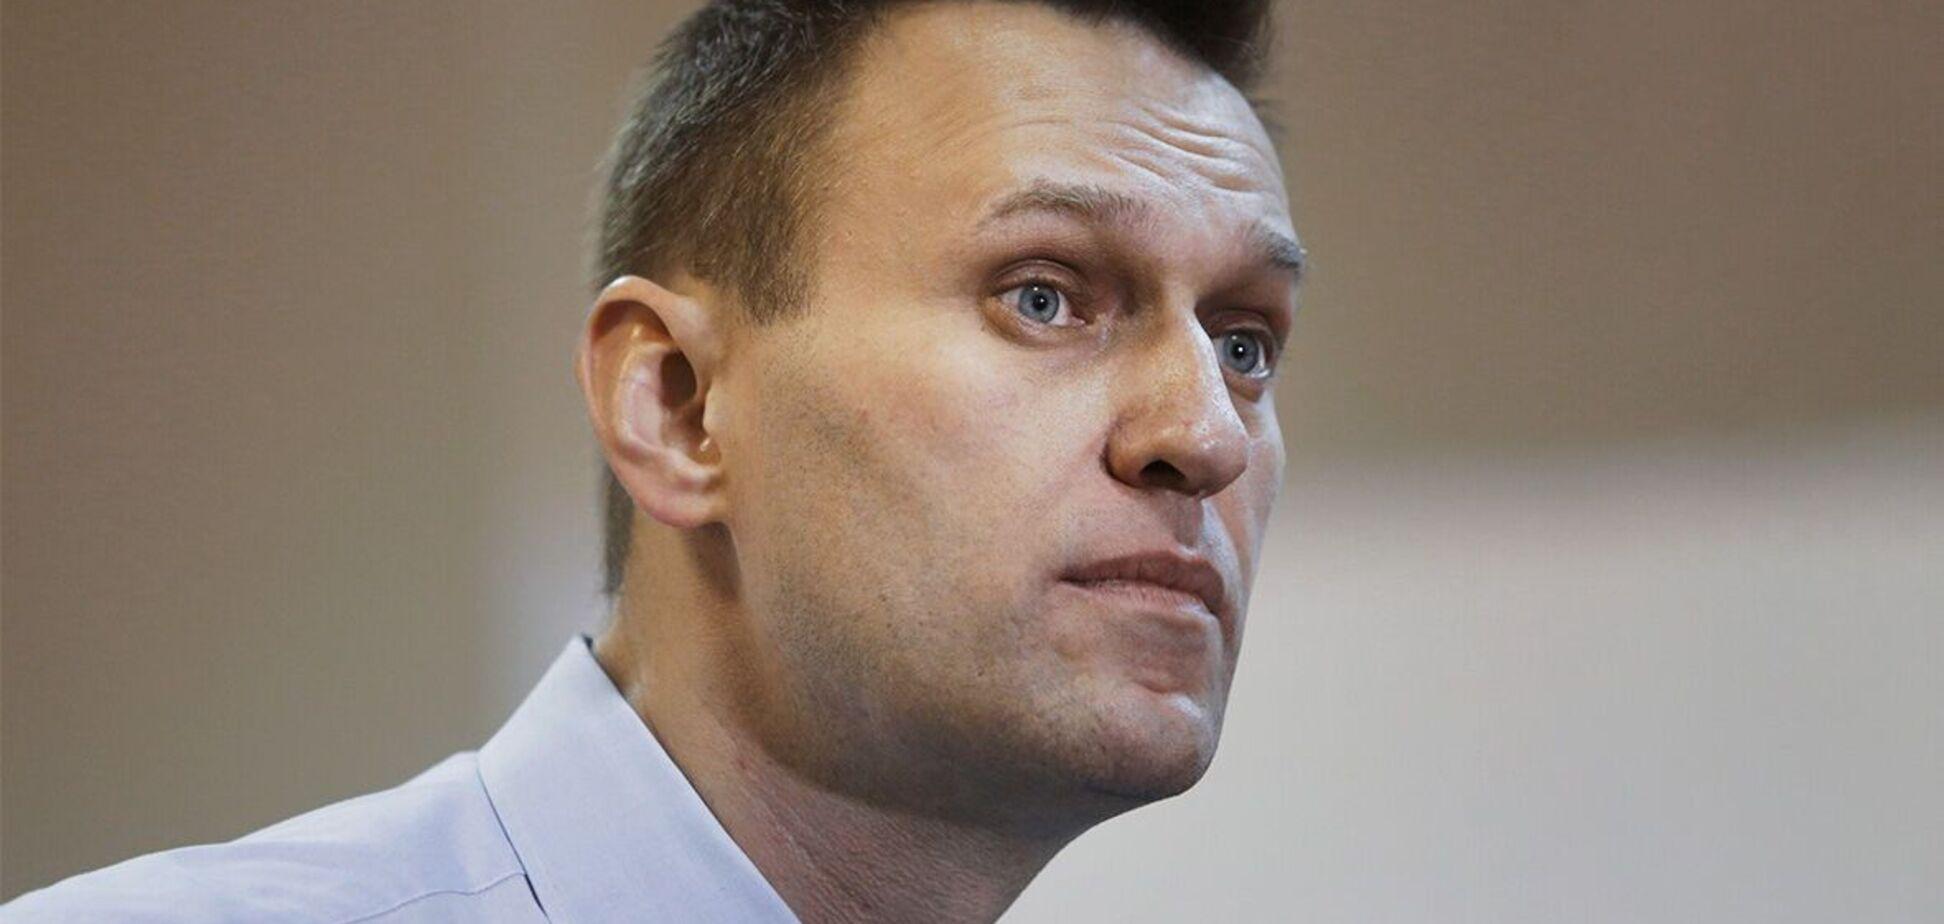 Спикер Госдумы заявил, что Навальный работает на спецслужбы Запада